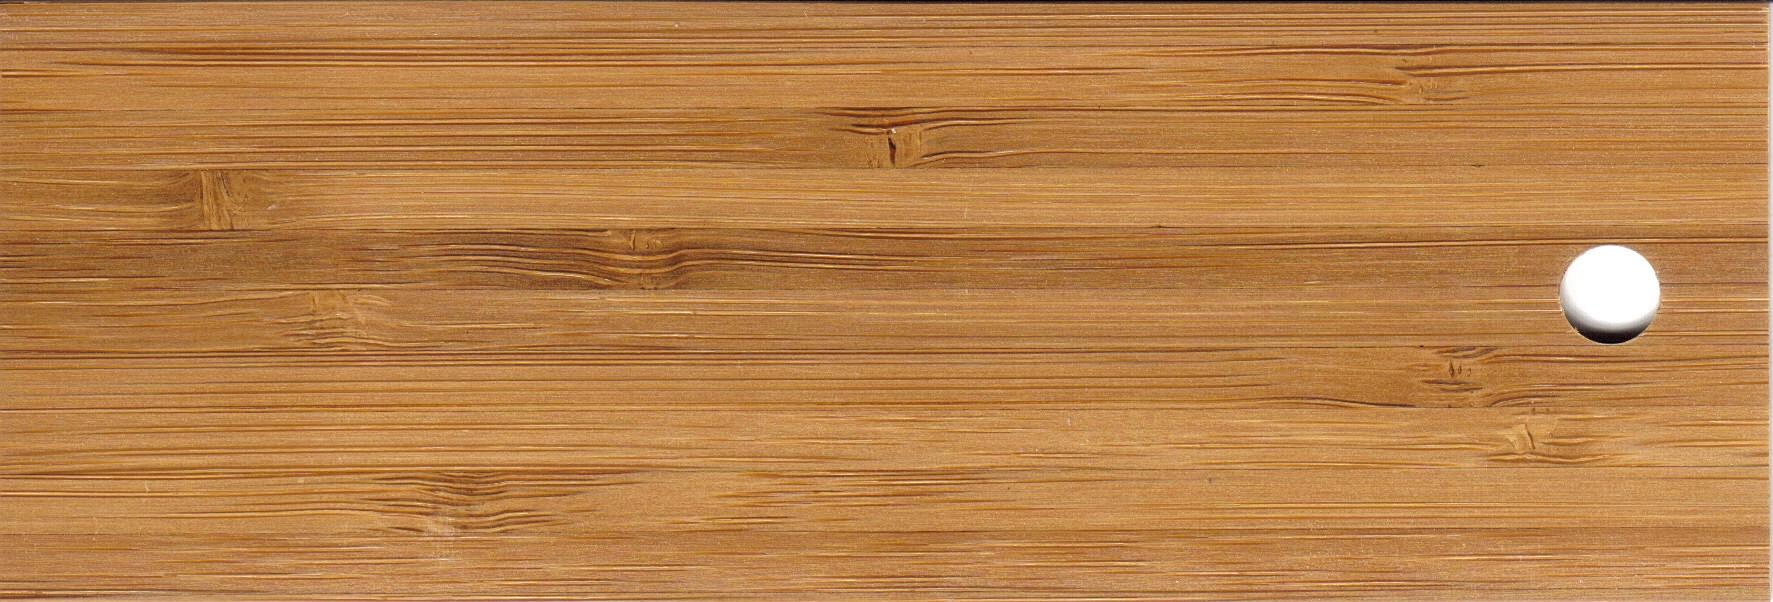 graham ŻALUZJE DREWNIANE (żaluzje bambusowe)